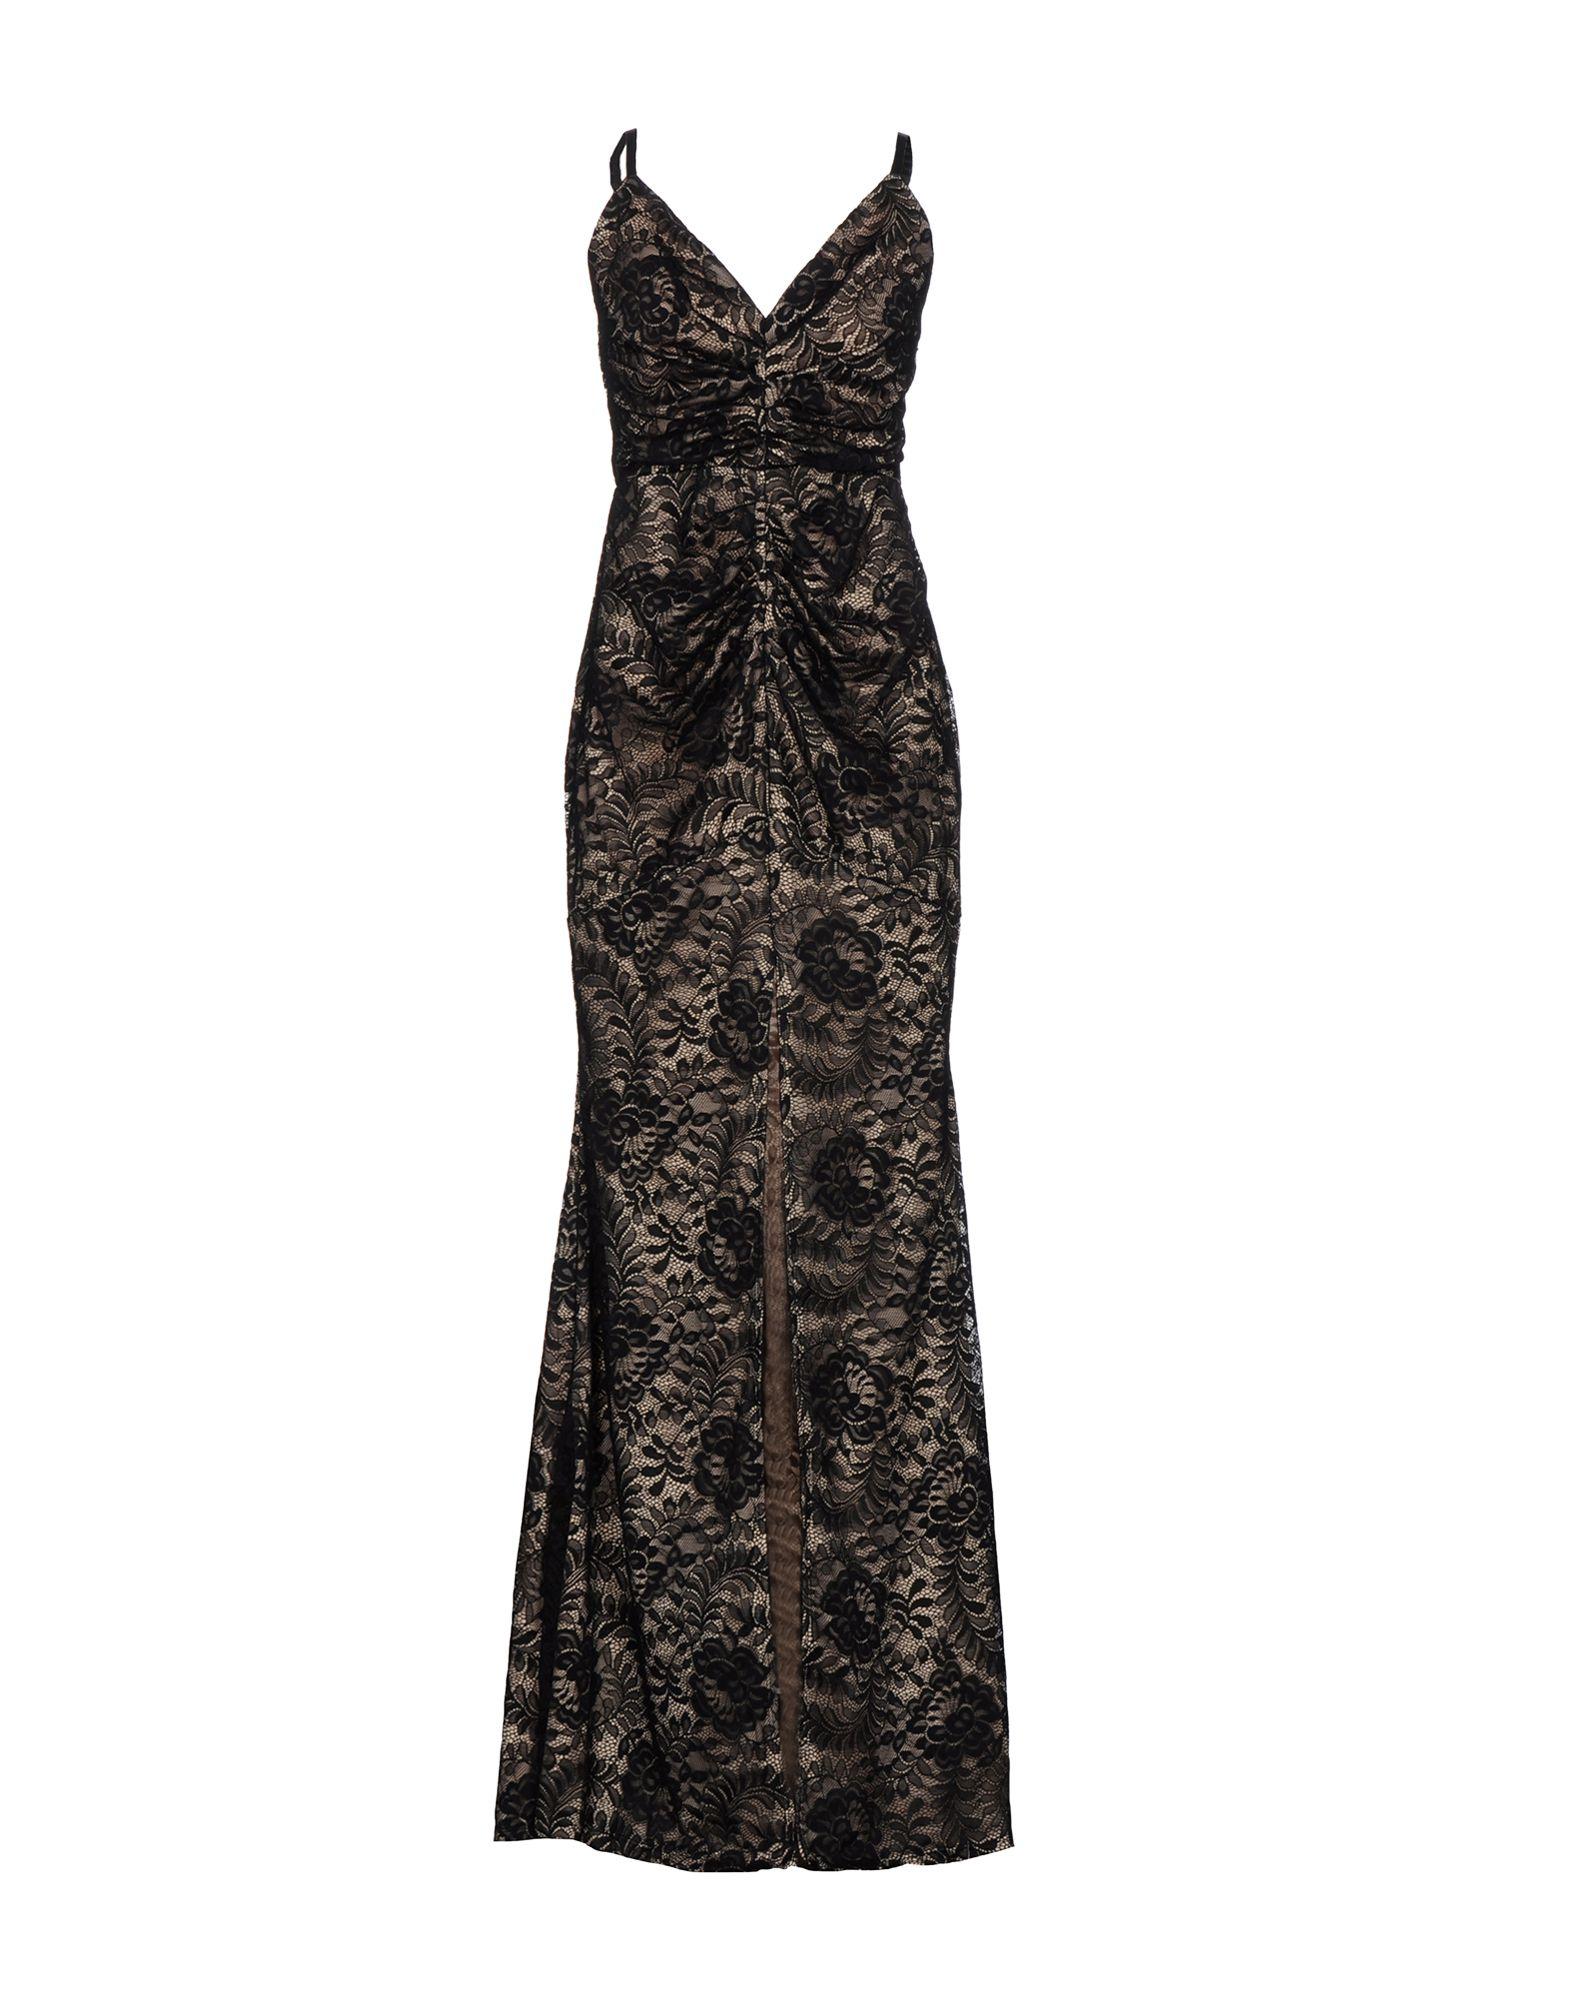 MAYENTL Длинное платье платье короткое спереди длинное сзади летнее